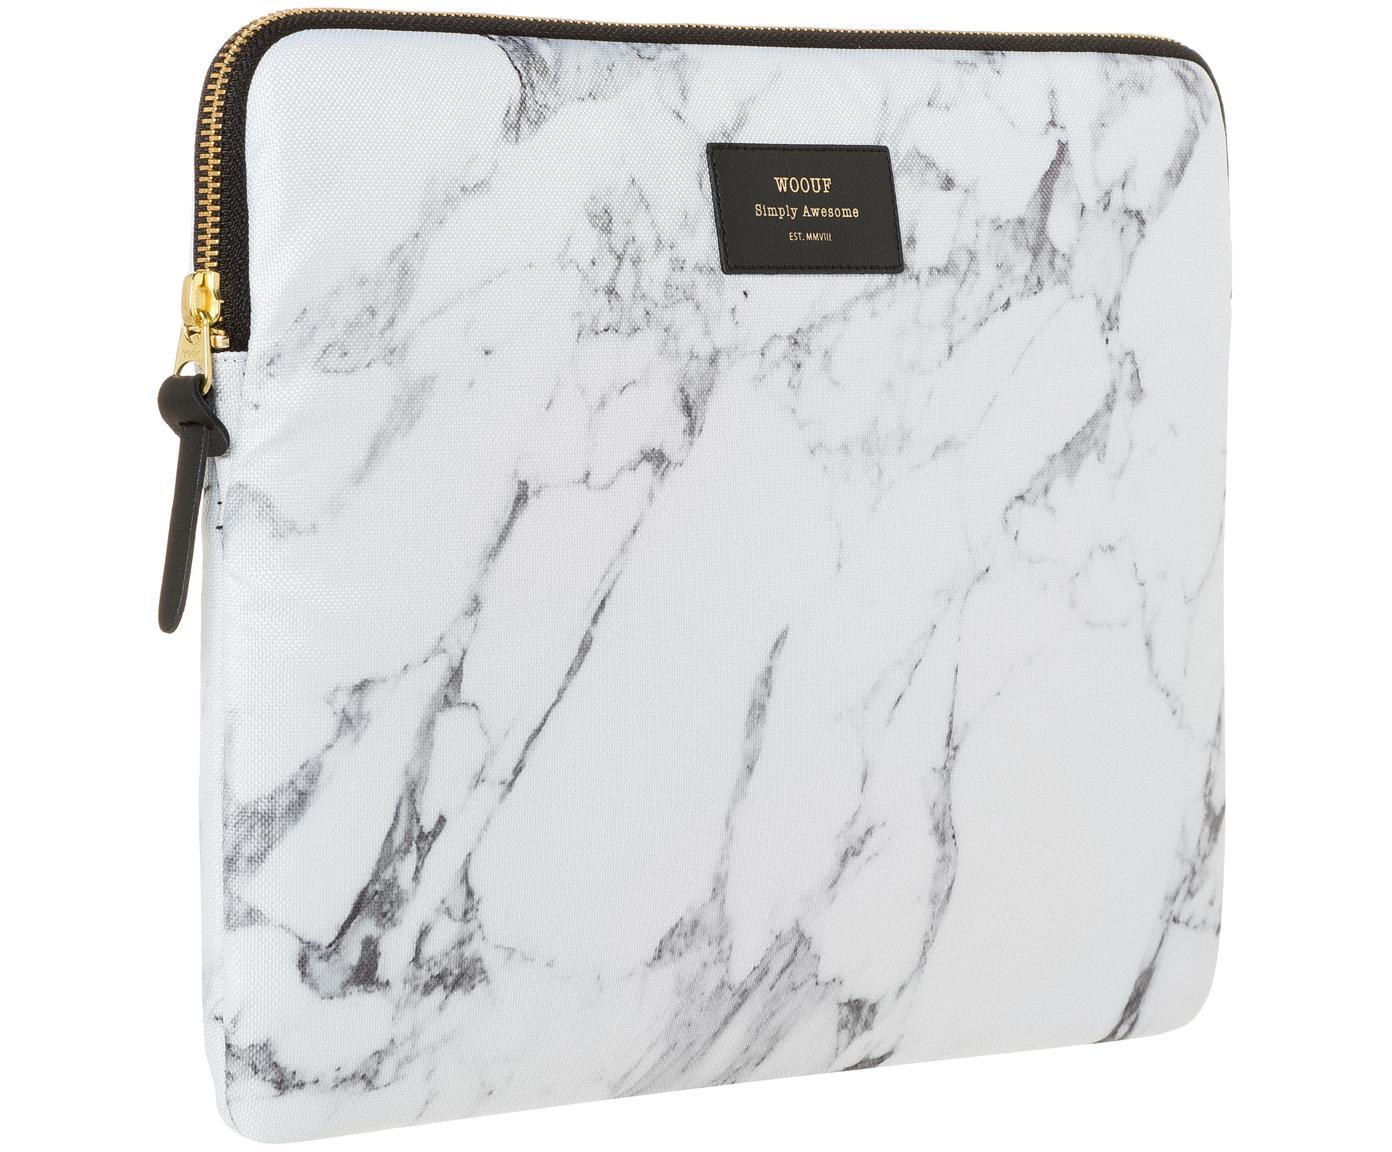 Copertina Marble per MacBook Pro 13 pollici, Laptop case: bianco, marmo<br>Sovrastampa: nero con carattere dorato, Larg. 34 x Alt. 25 cm